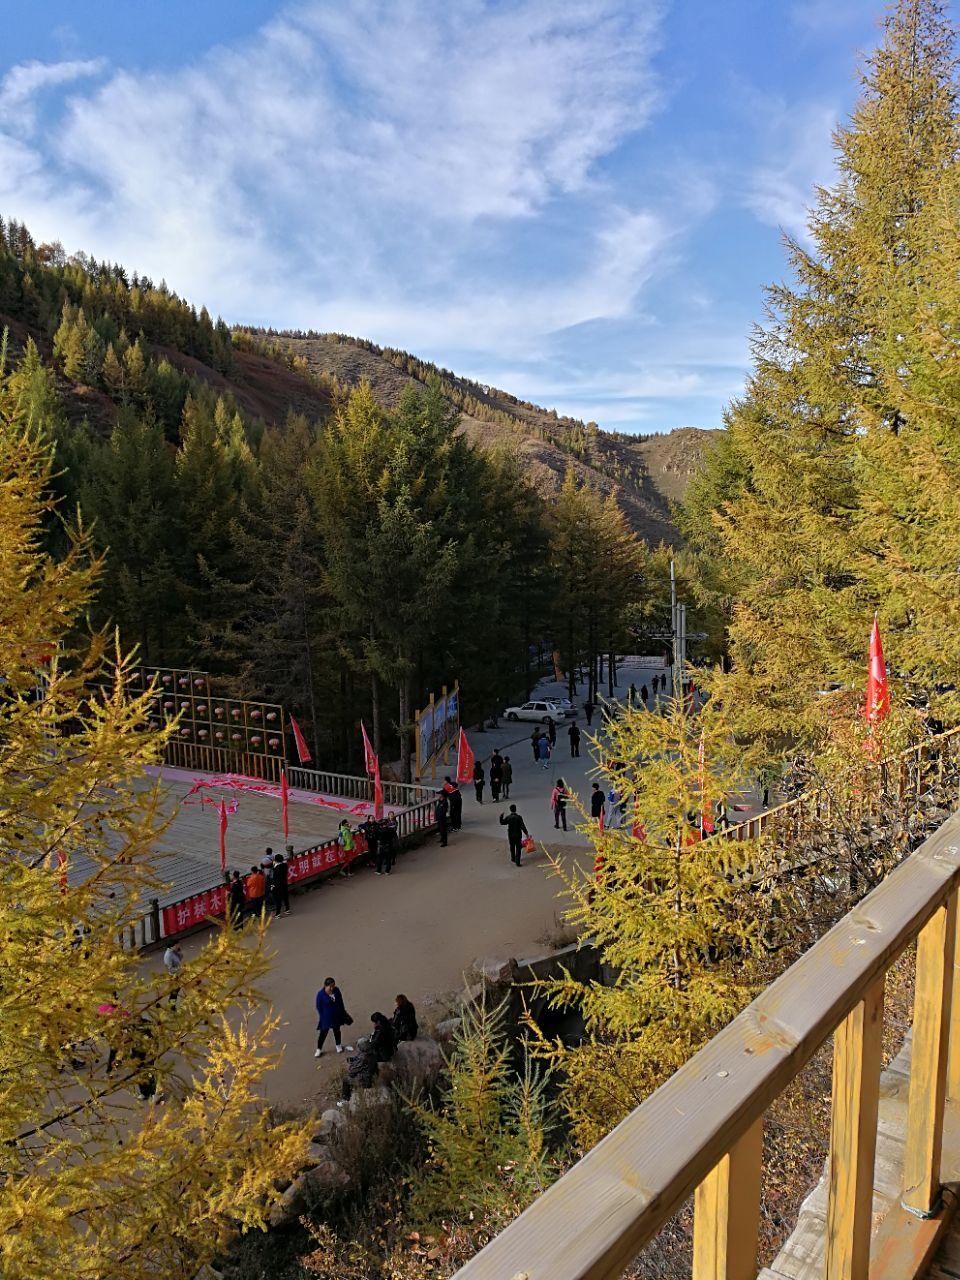 【携程攻略】兴和苏木山旅游区景点,无论哪个季节的山